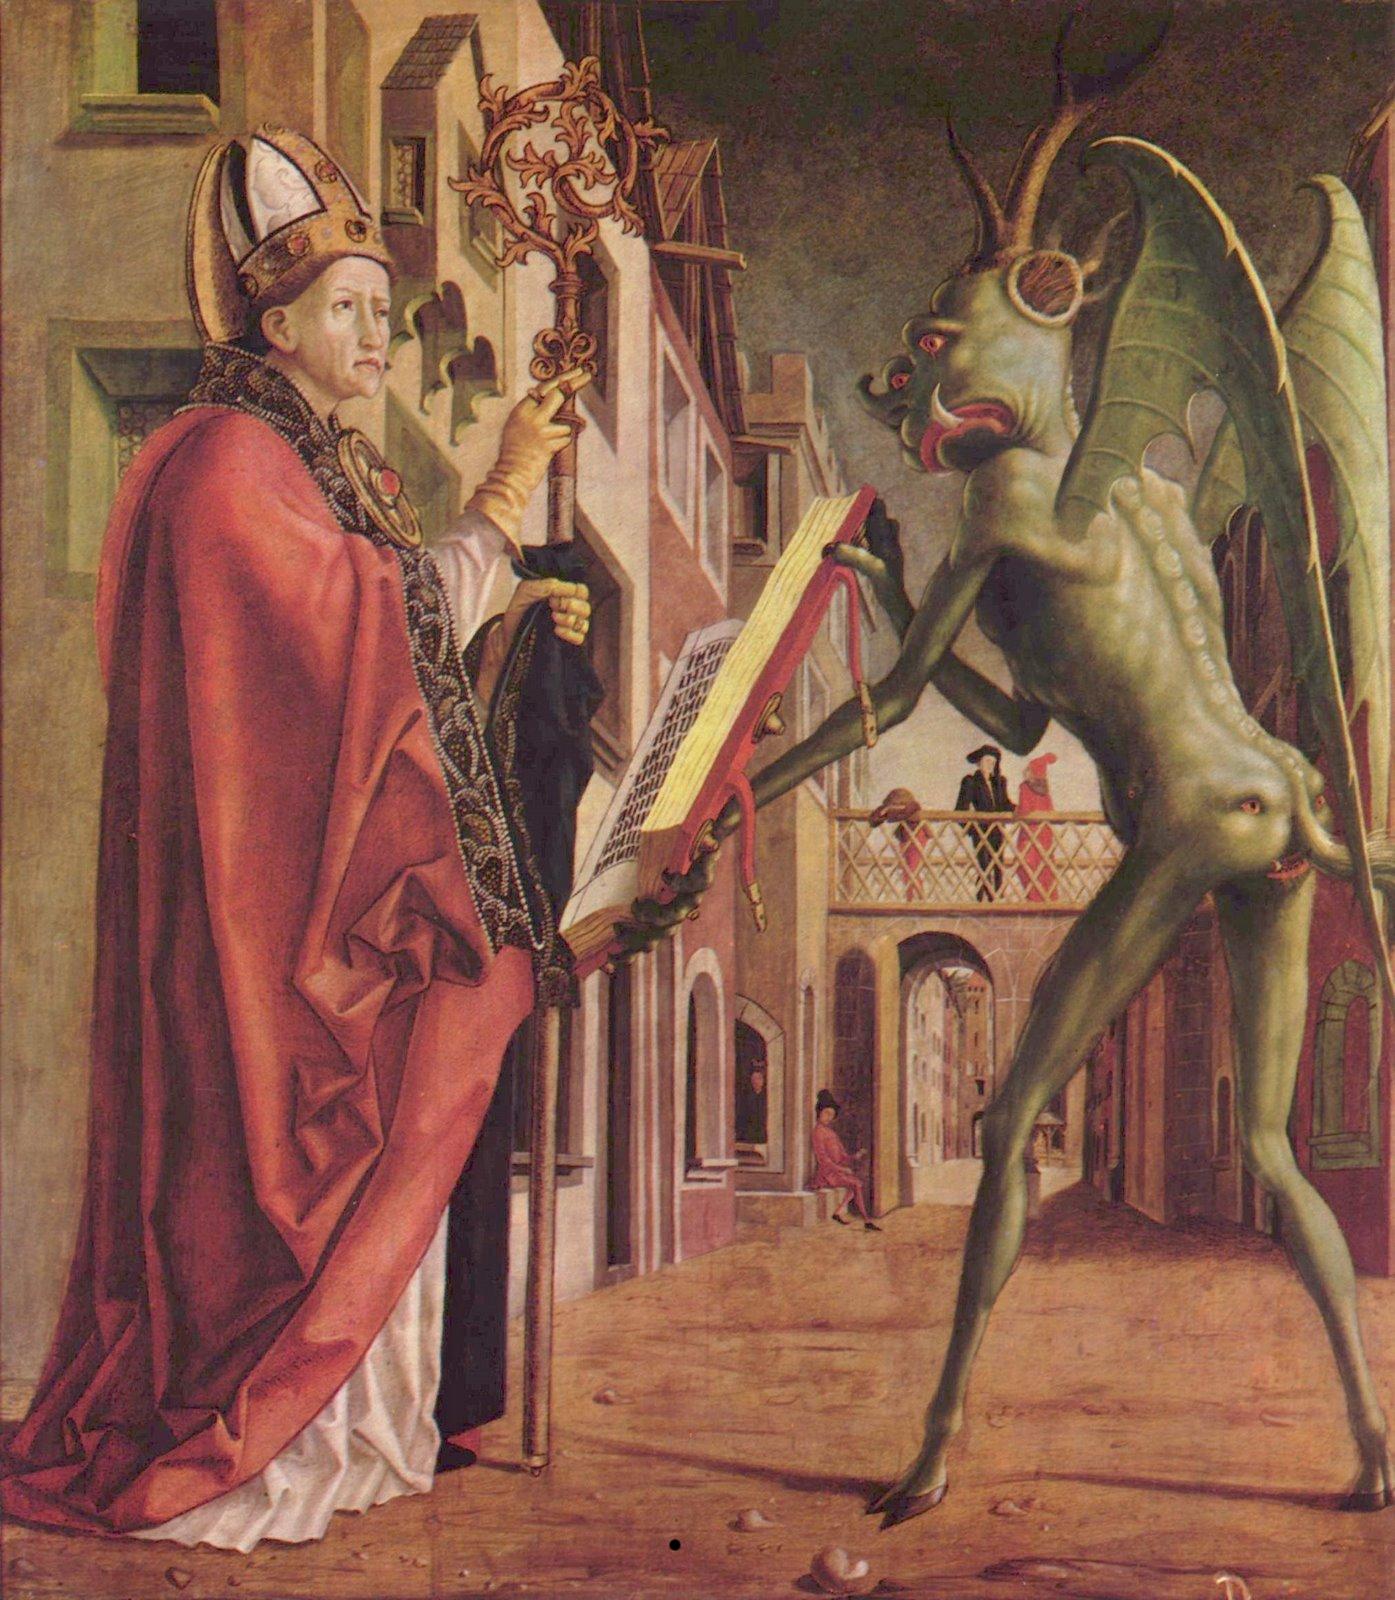 1475年的油画《圣·沃尔夫冈与恶魔》